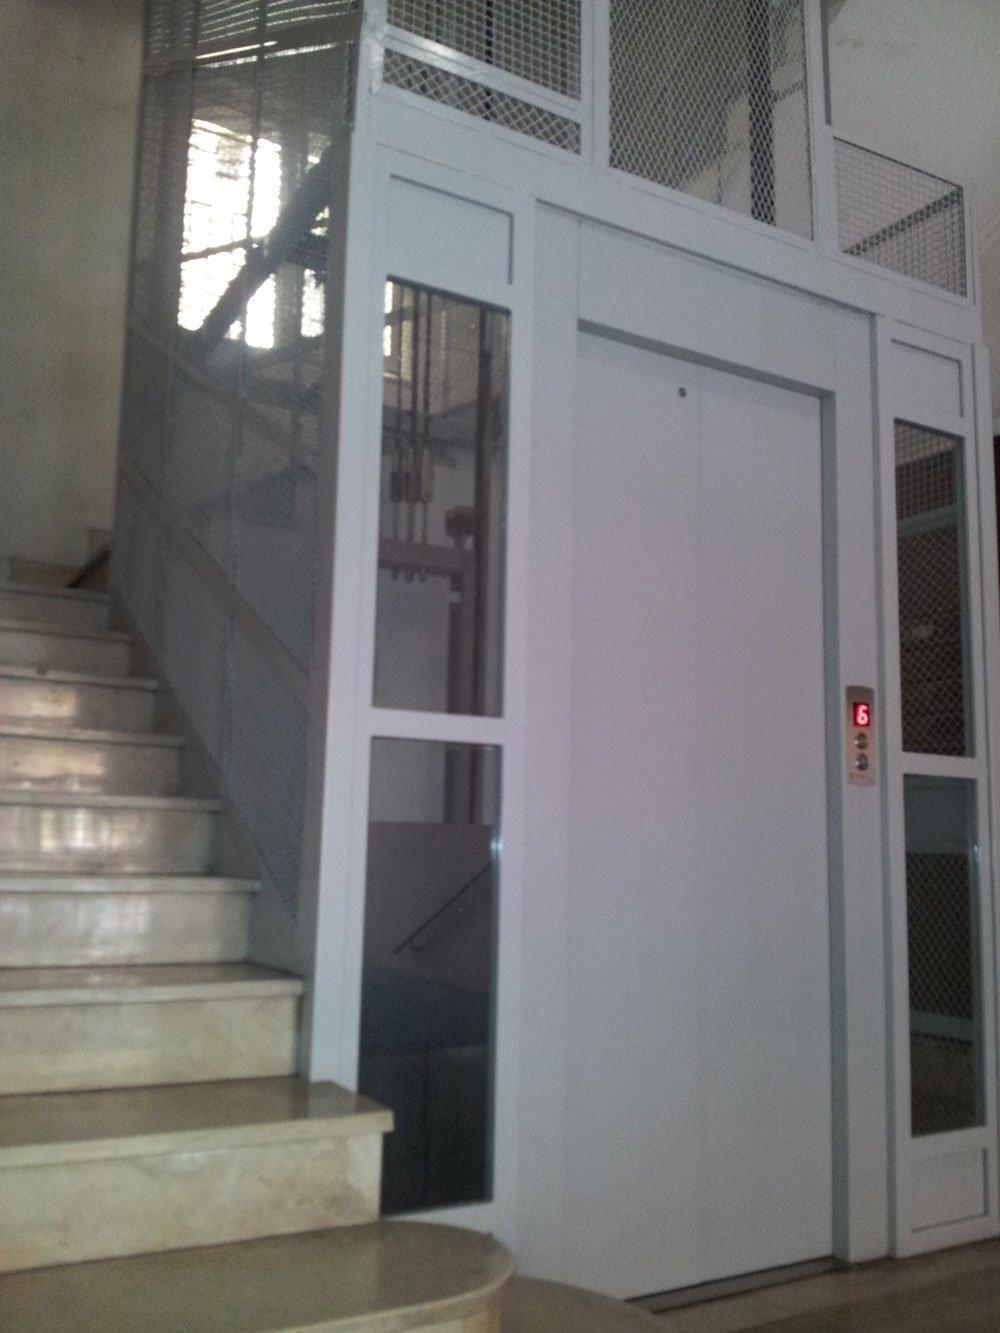 vista delle scale e accanto dell'ascensore in acciaio